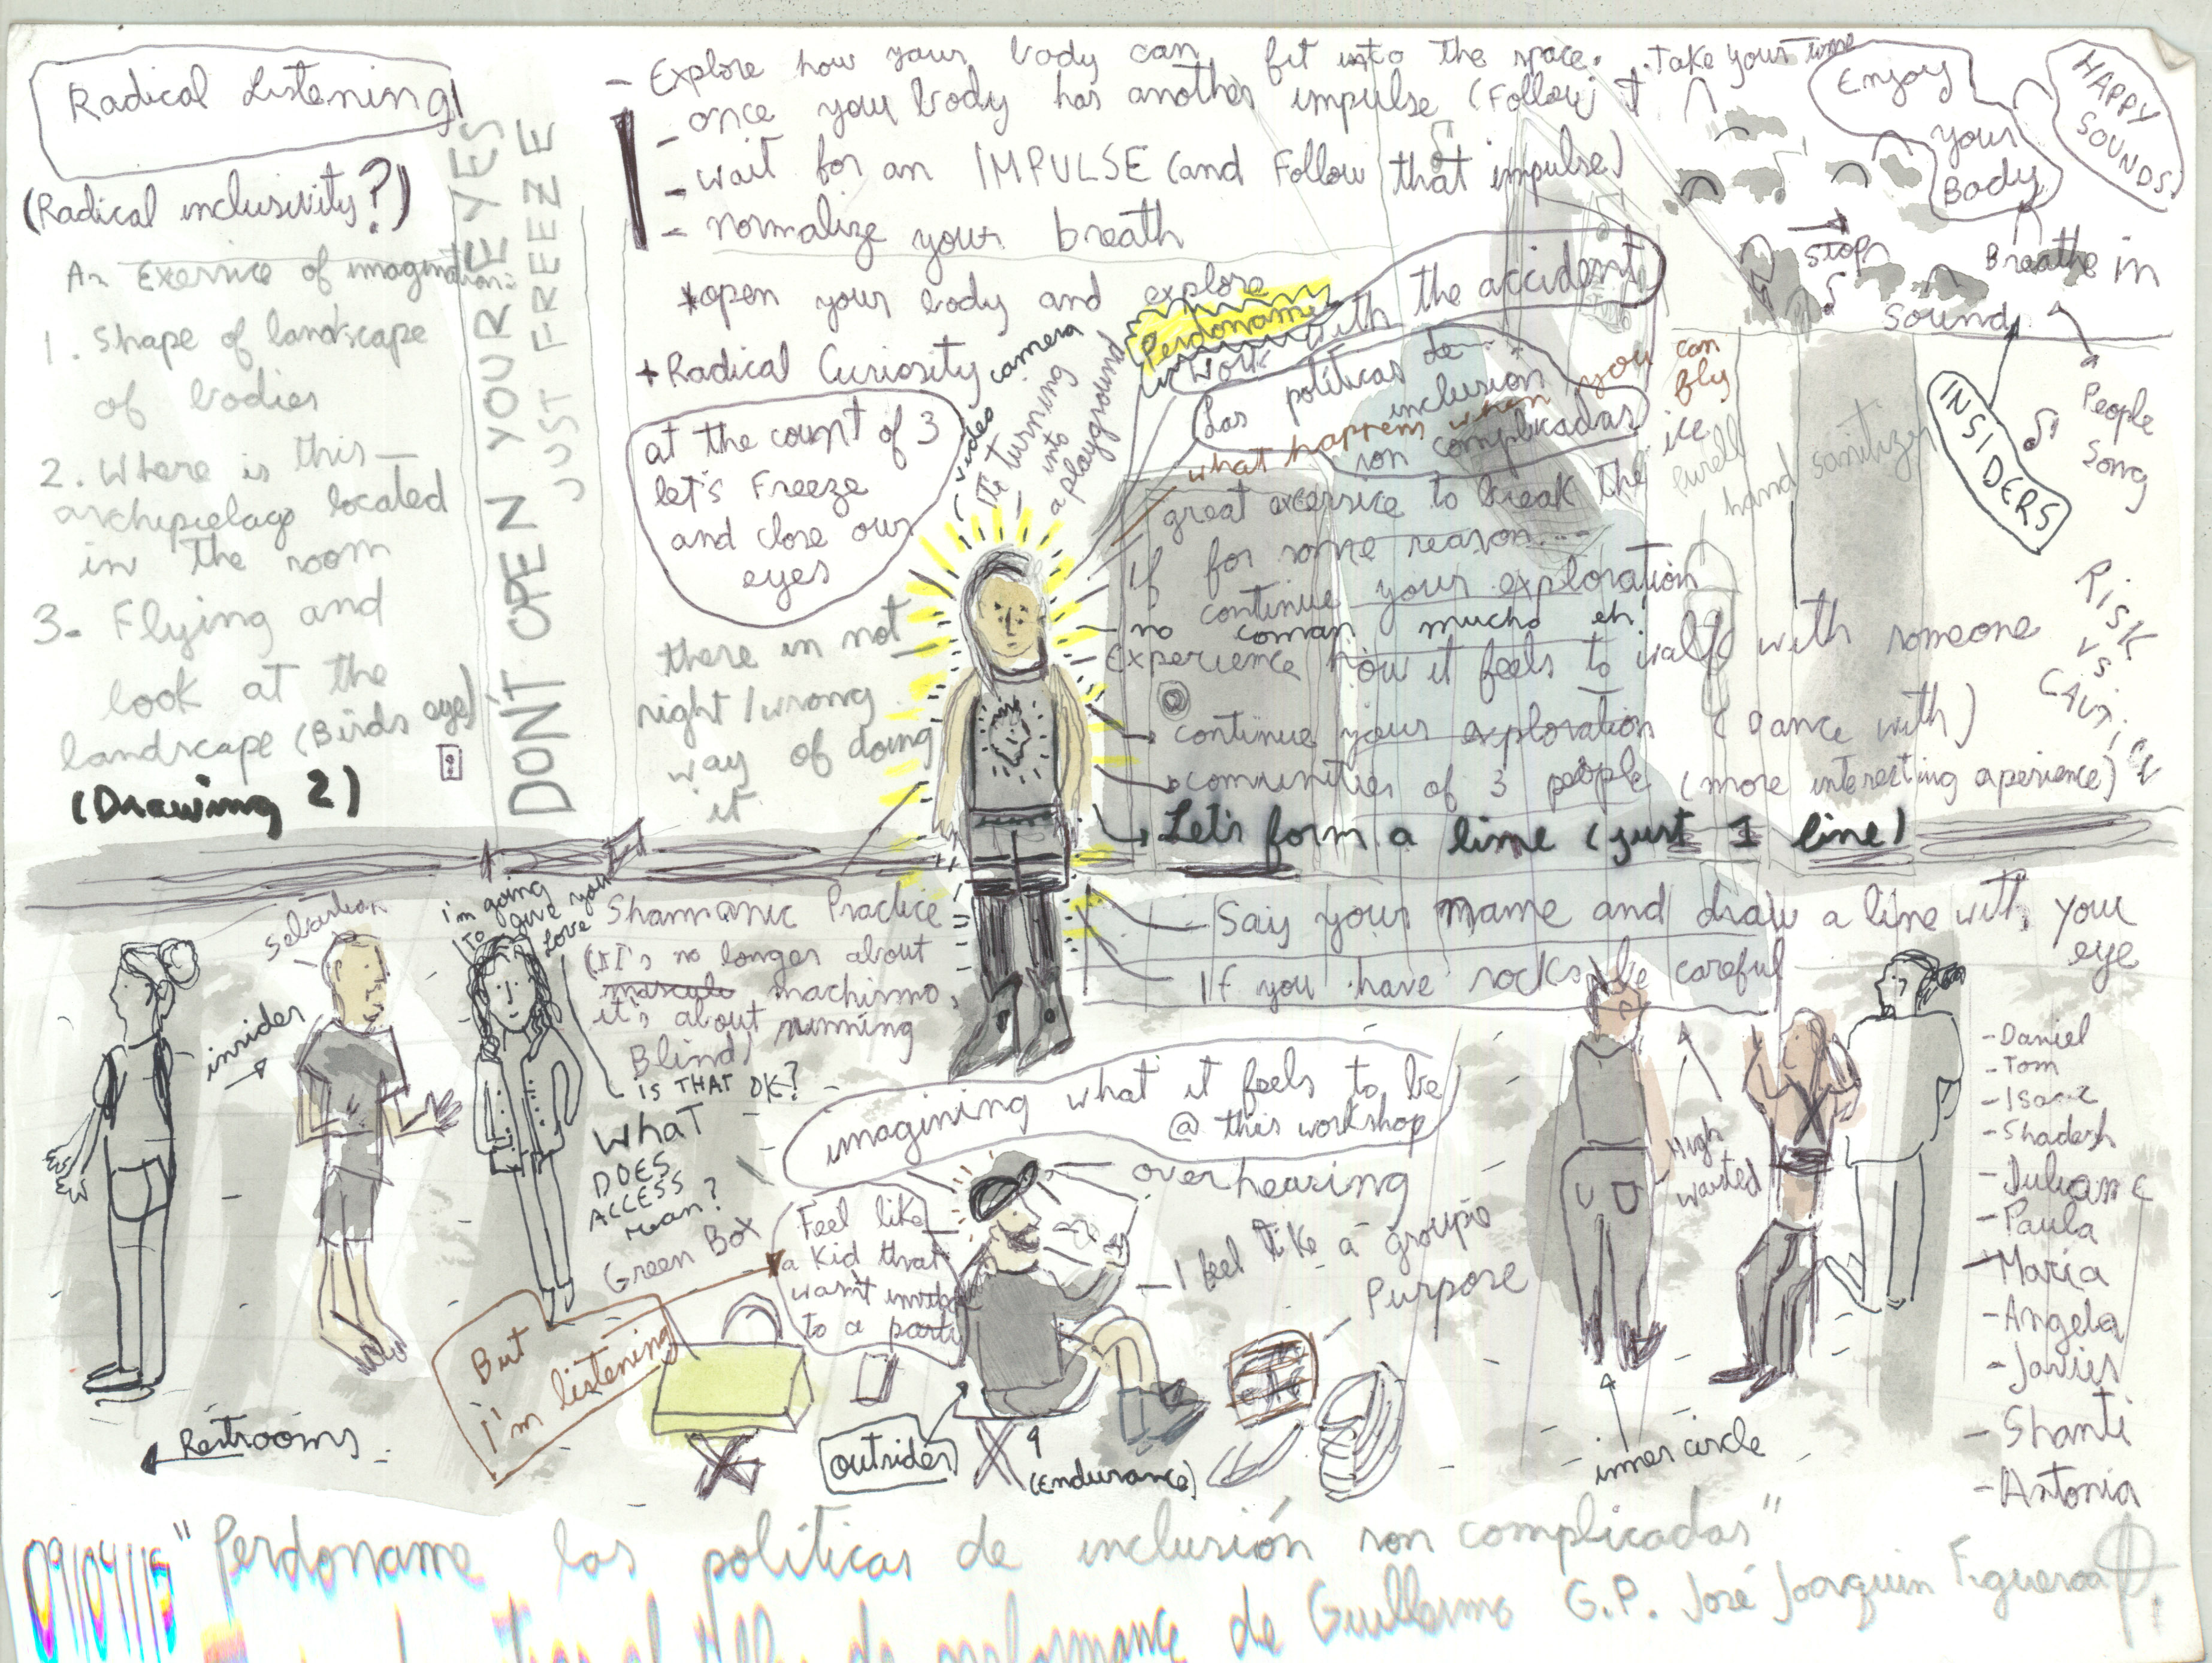 09-04-15 _Perdoname las politicas de inclusion son complicadas_